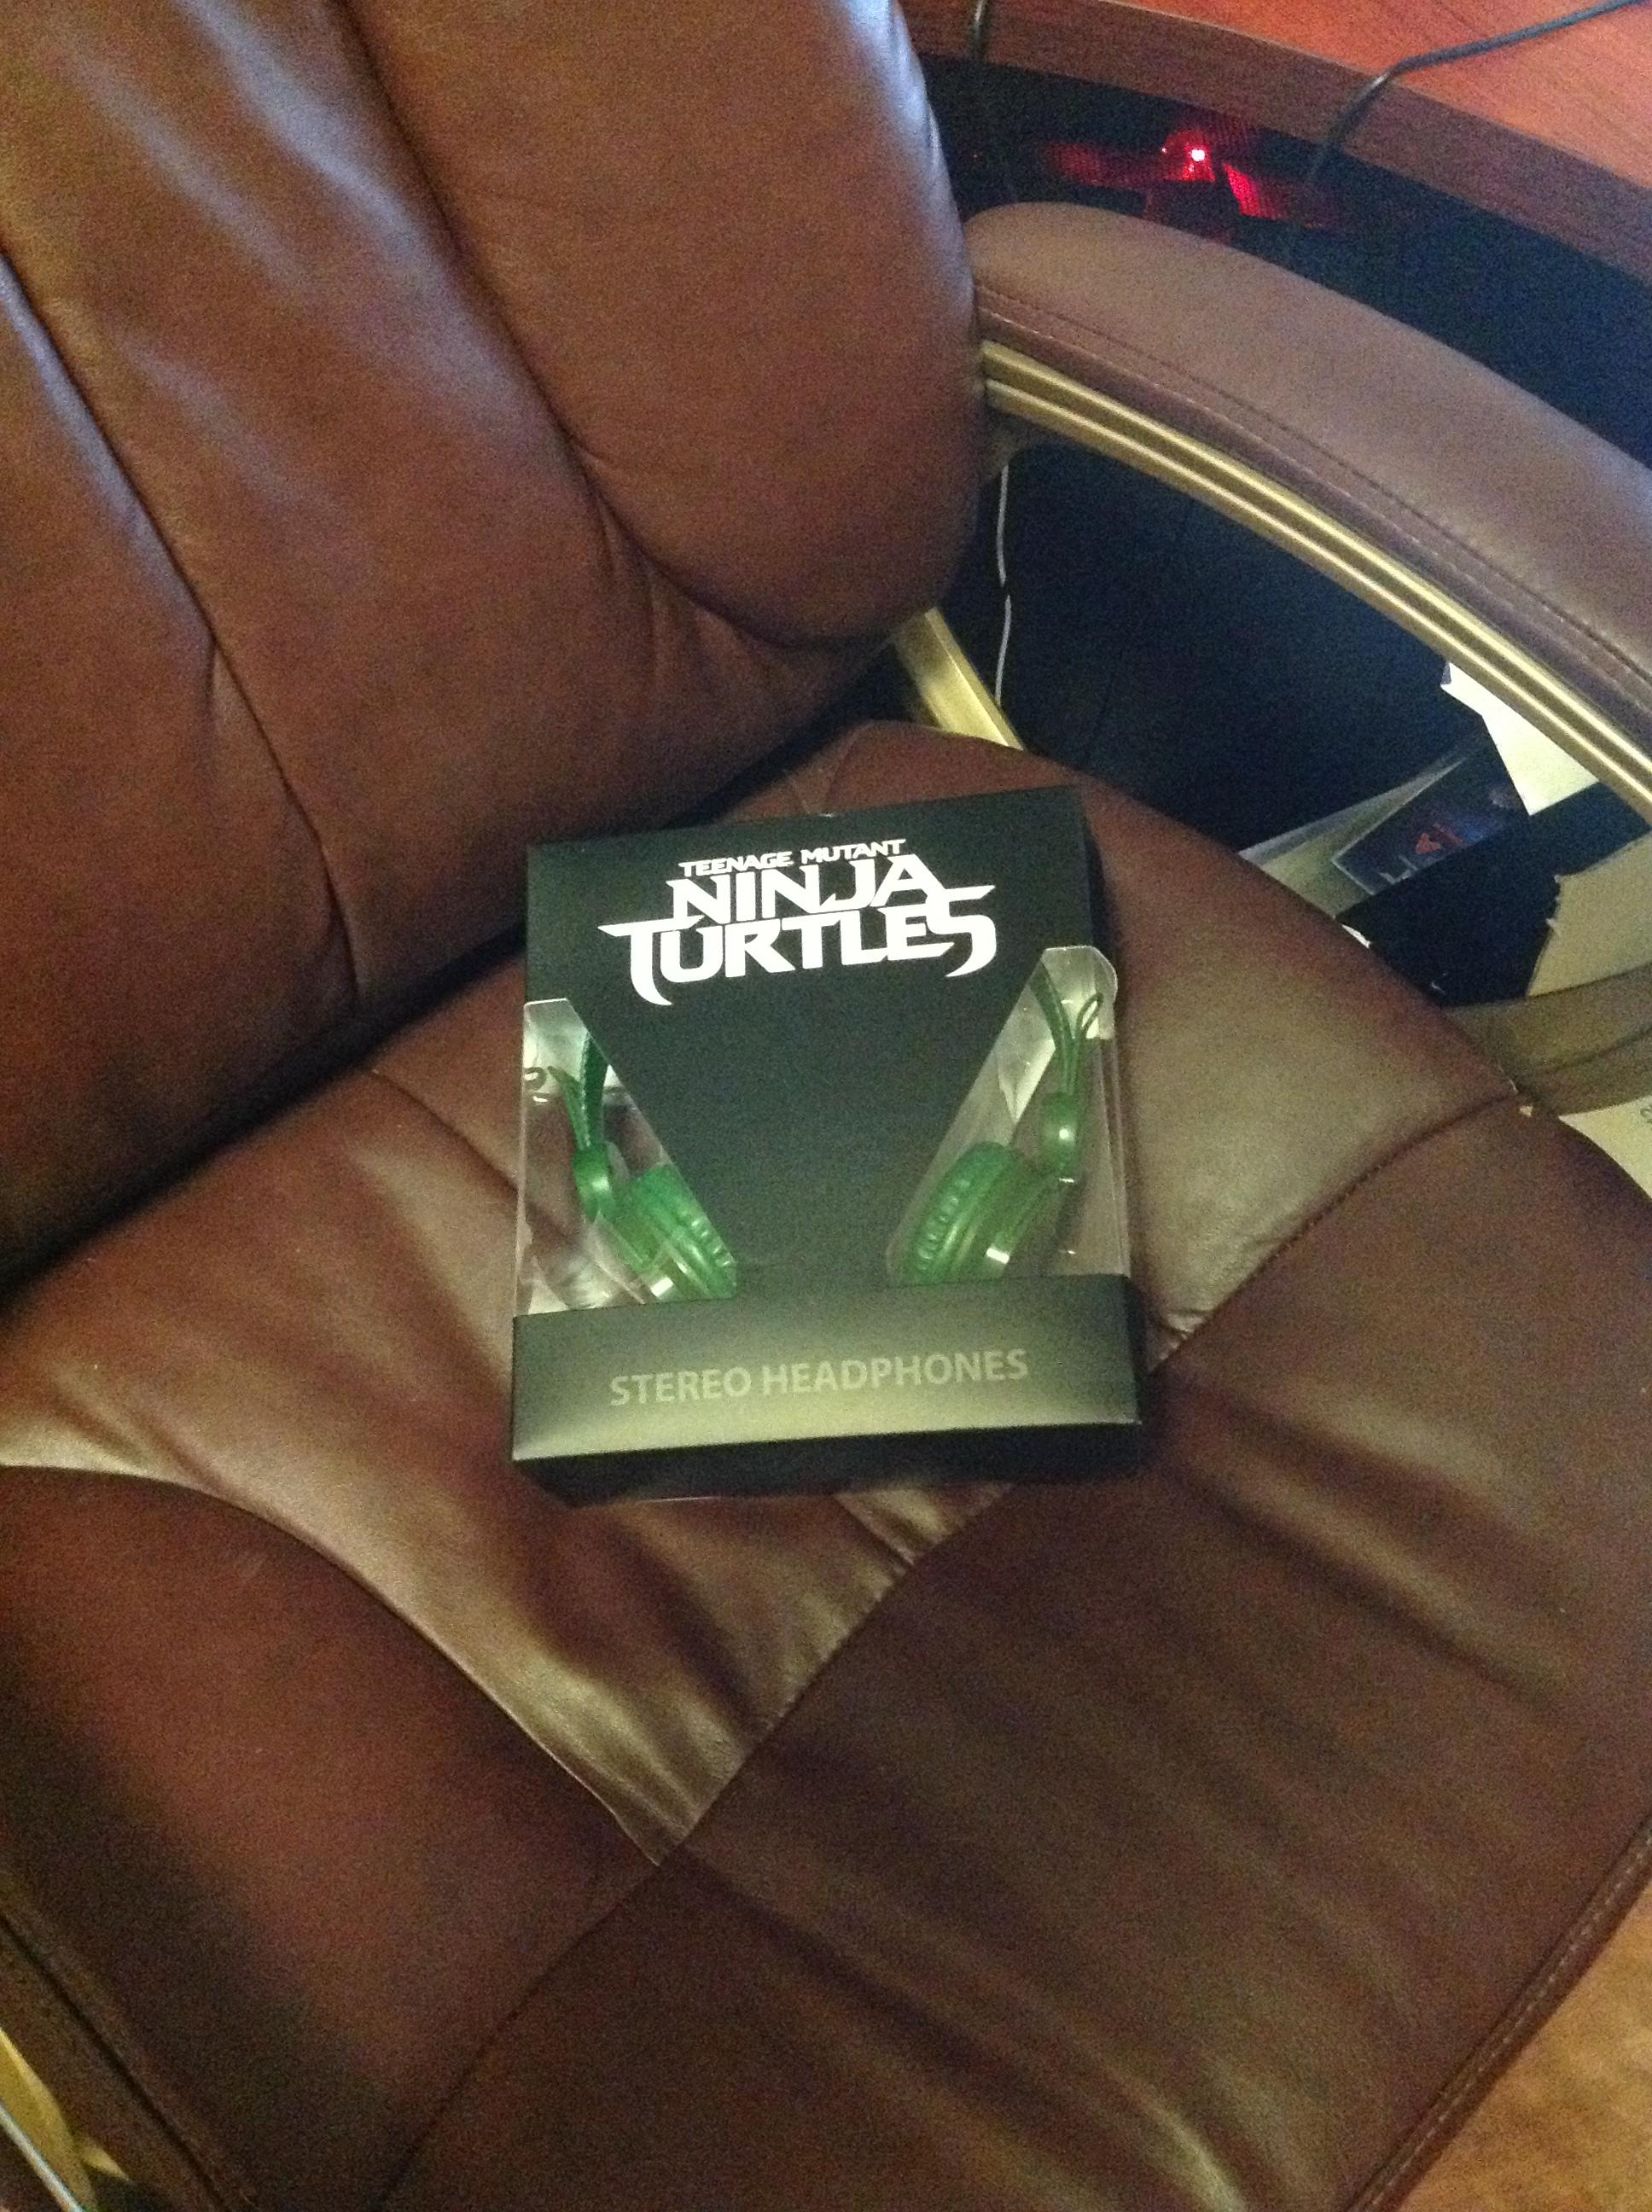 Unboxing наушников Ninja Turtles... - Изображение 4